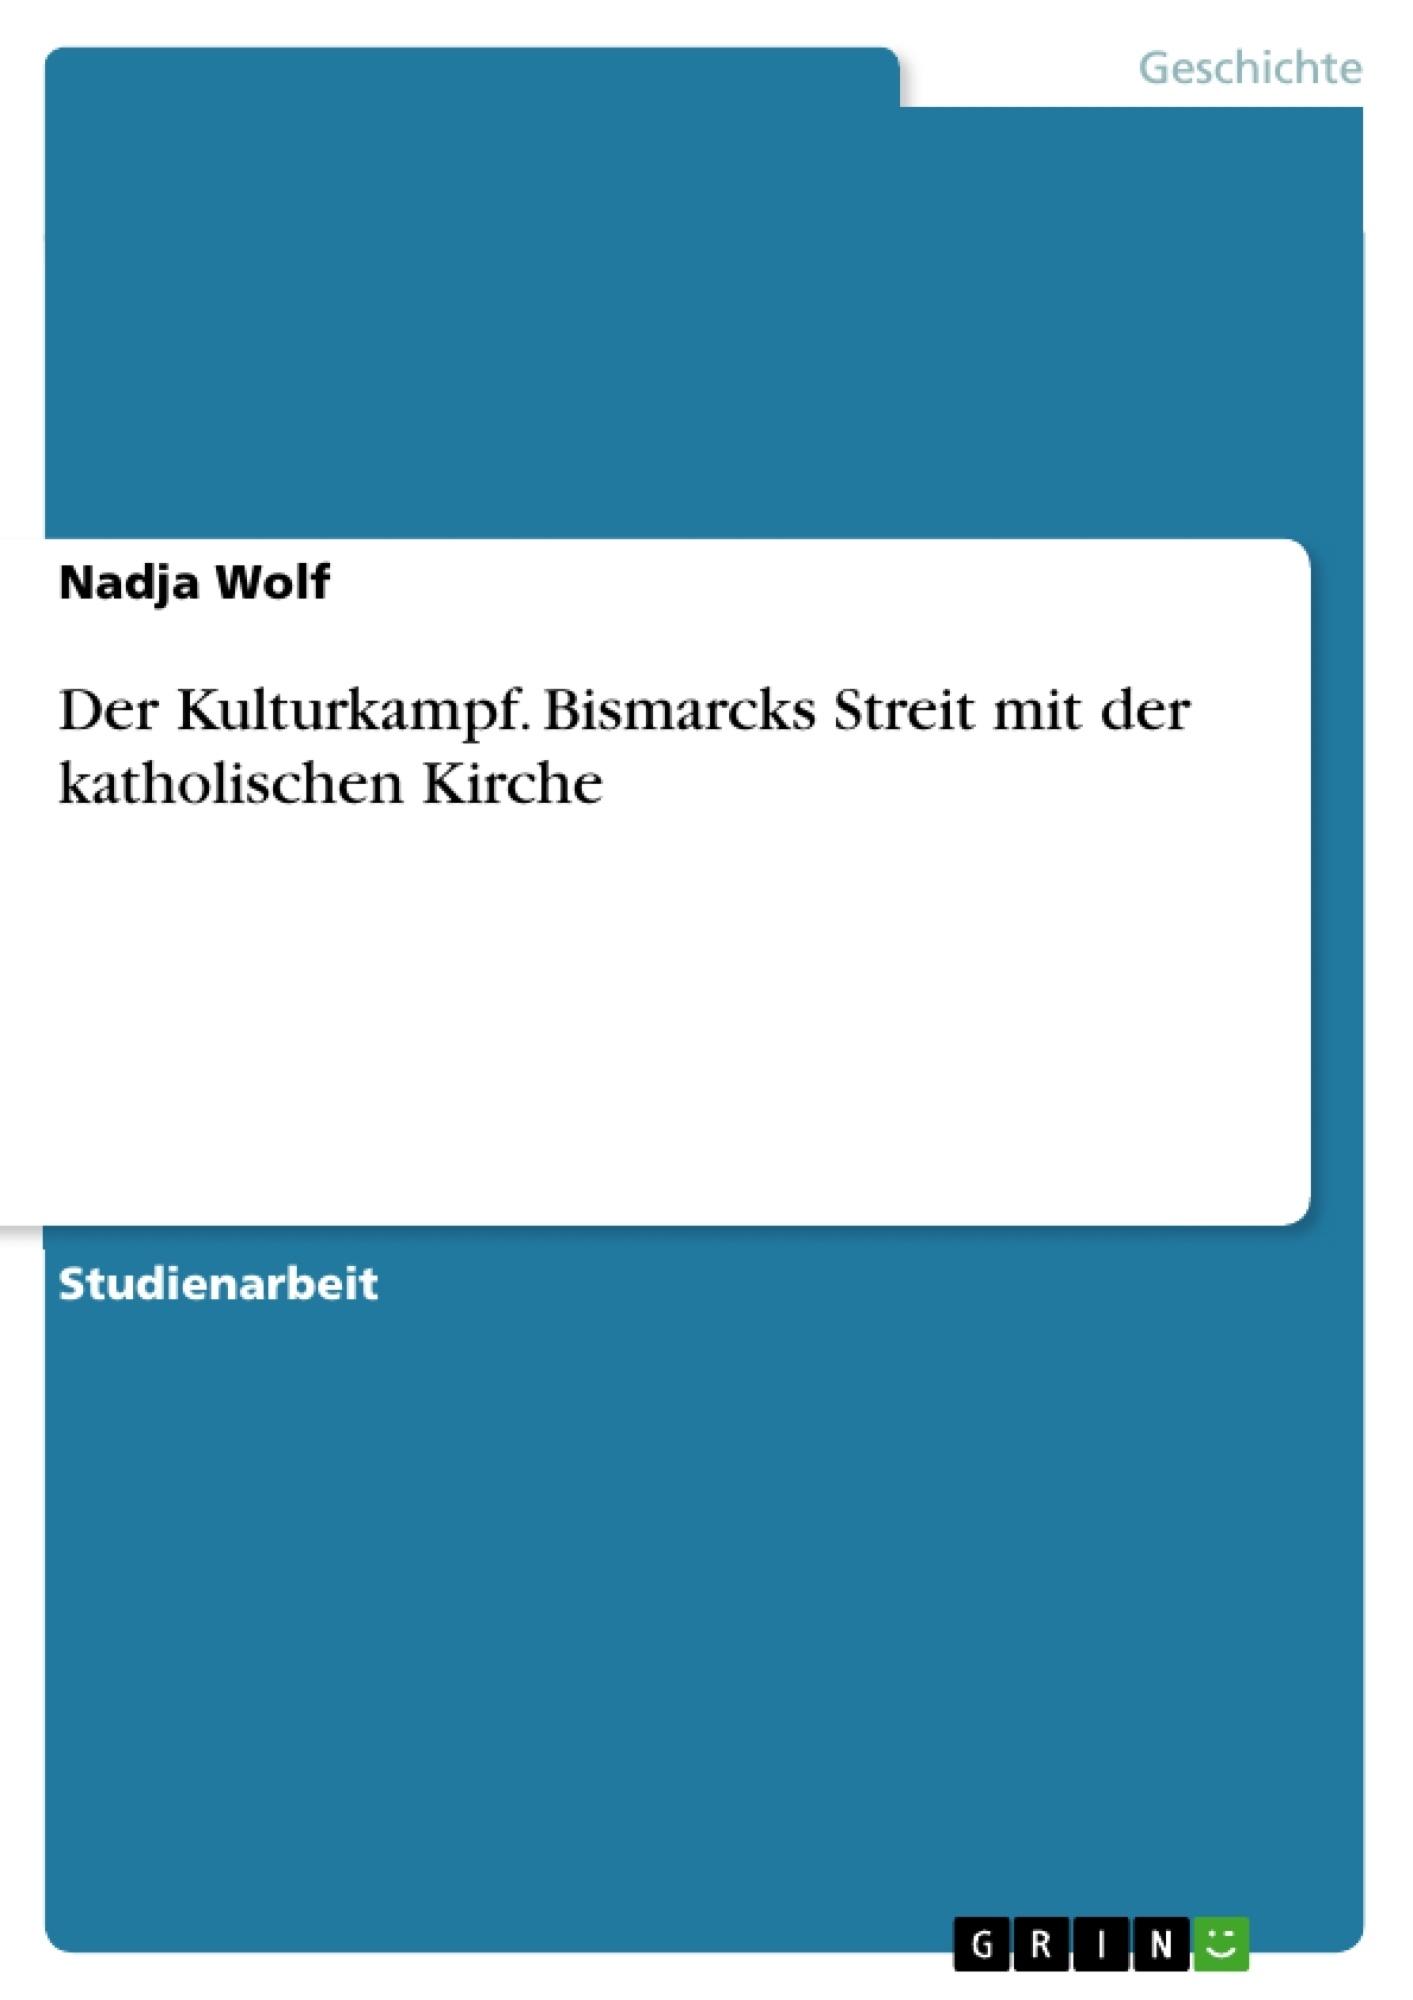 Titel: Der Kulturkampf. Bismarcks Streit mit der katholischen Kirche